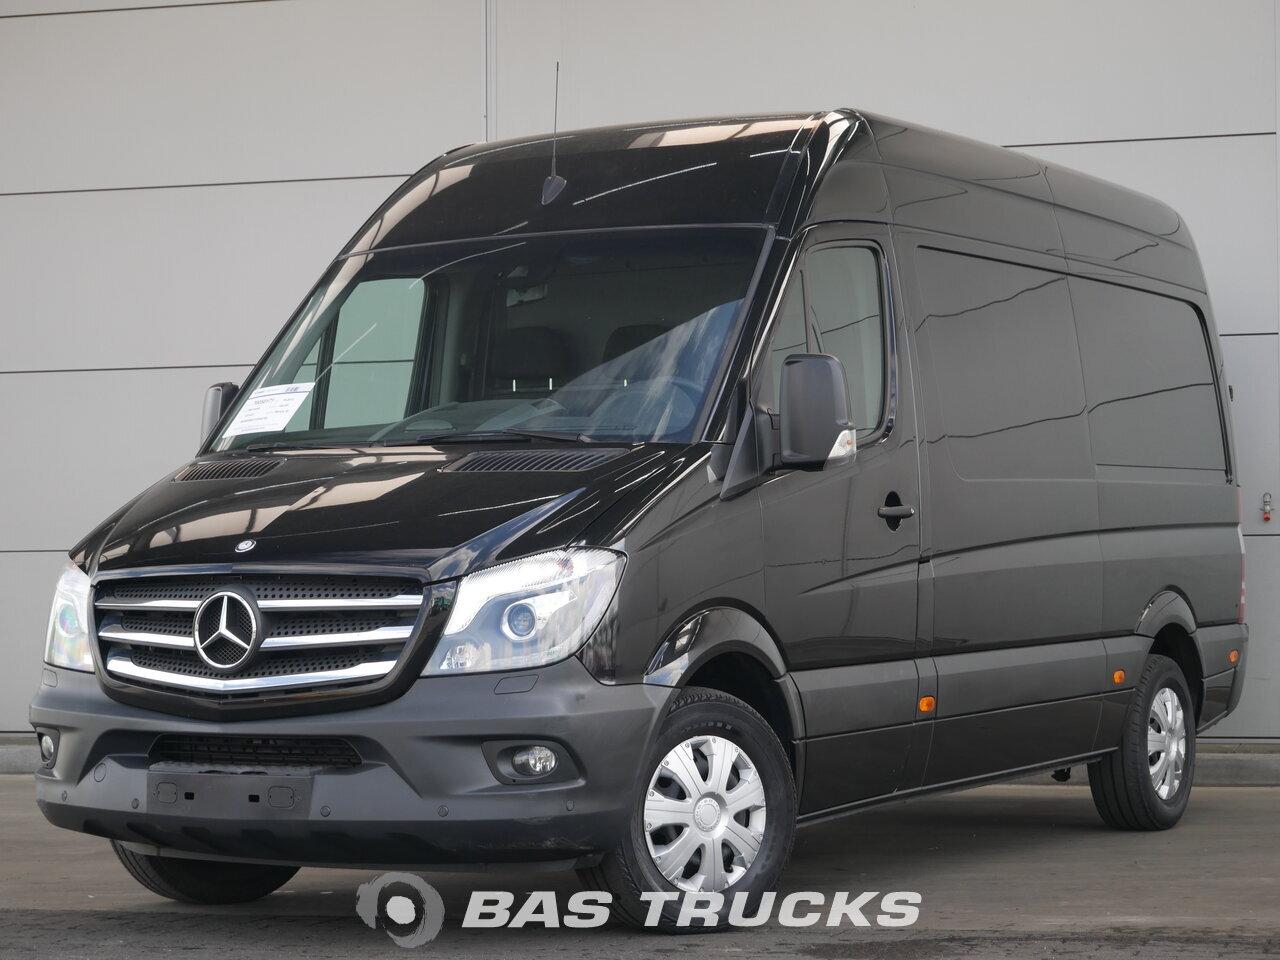 mercedes sprinter leichte nutzfahrzeuge 22900 bas trucks. Black Bedroom Furniture Sets. Home Design Ideas